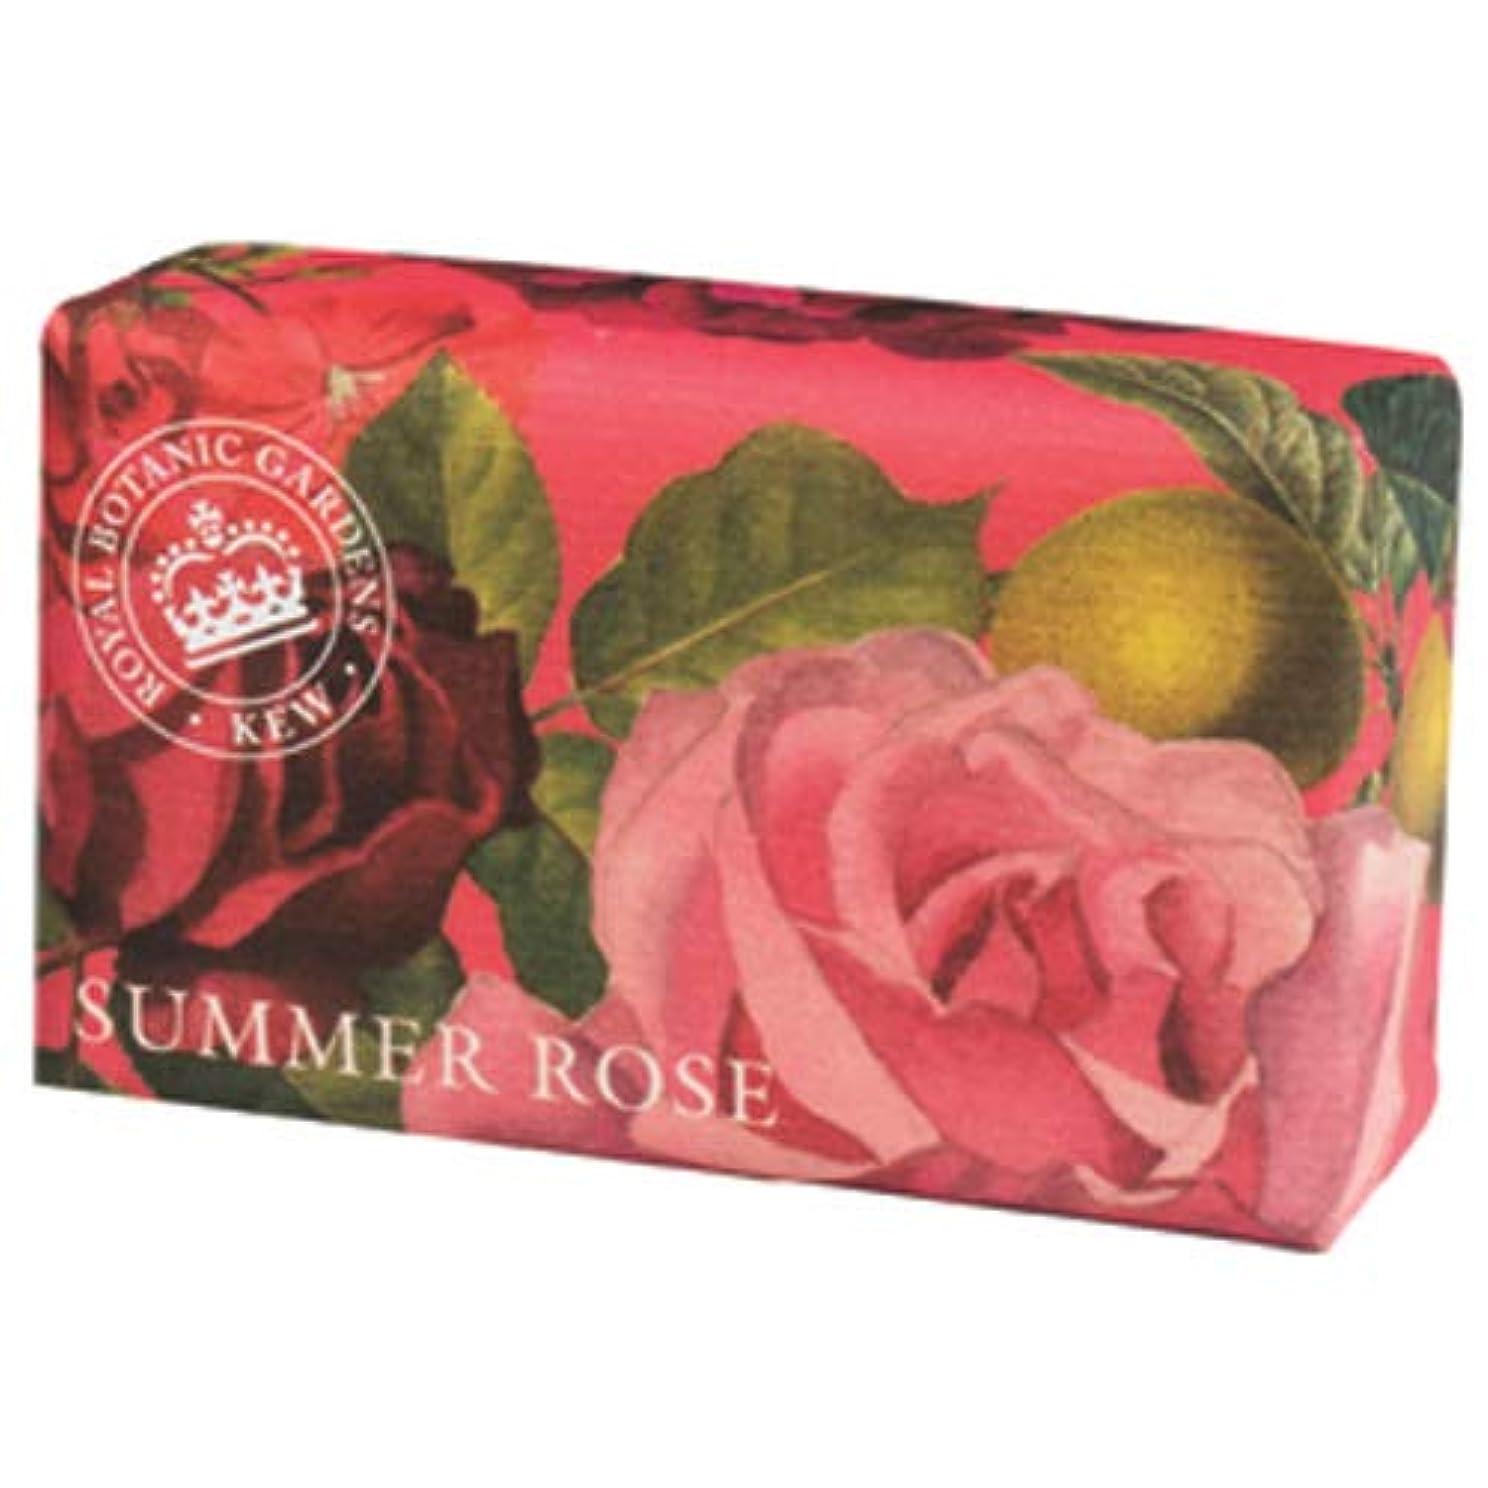 酔う識字ポータブル三和トレーディング English Soap Company イングリッシュソープカンパニー KEW GARDEN キュー?ガーデン Luxury Shea Soaps シアソープ Summer Rose サマーローズ